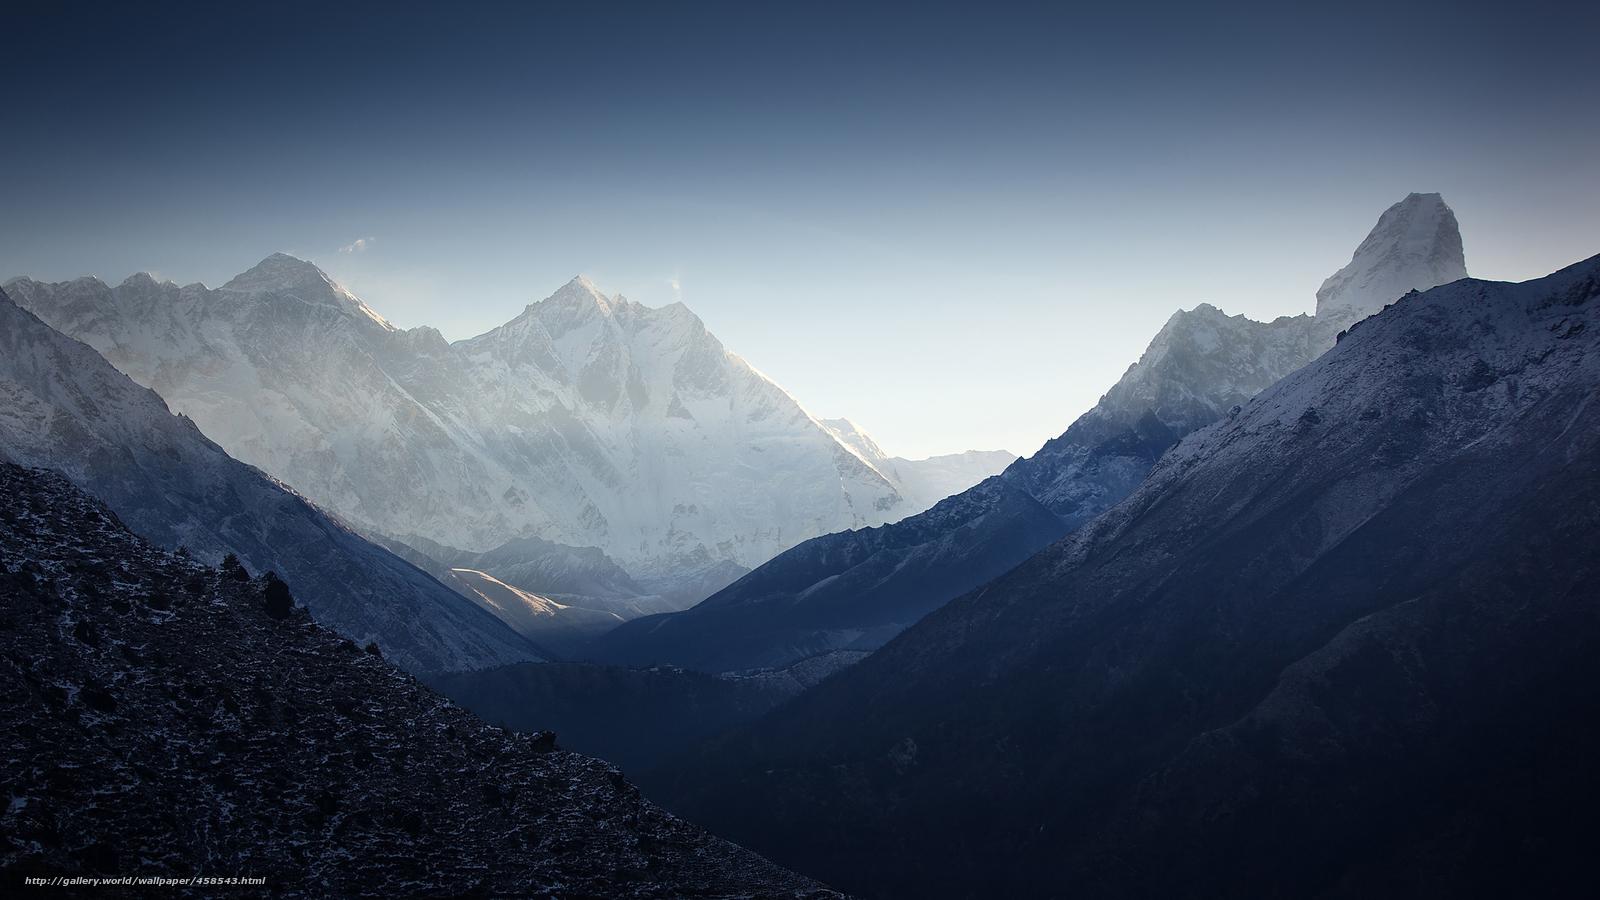 壁紙をダウンロード 山地 ヒマラヤ山脈 デスクトップの解像度のための無料壁紙 48x1152 絵